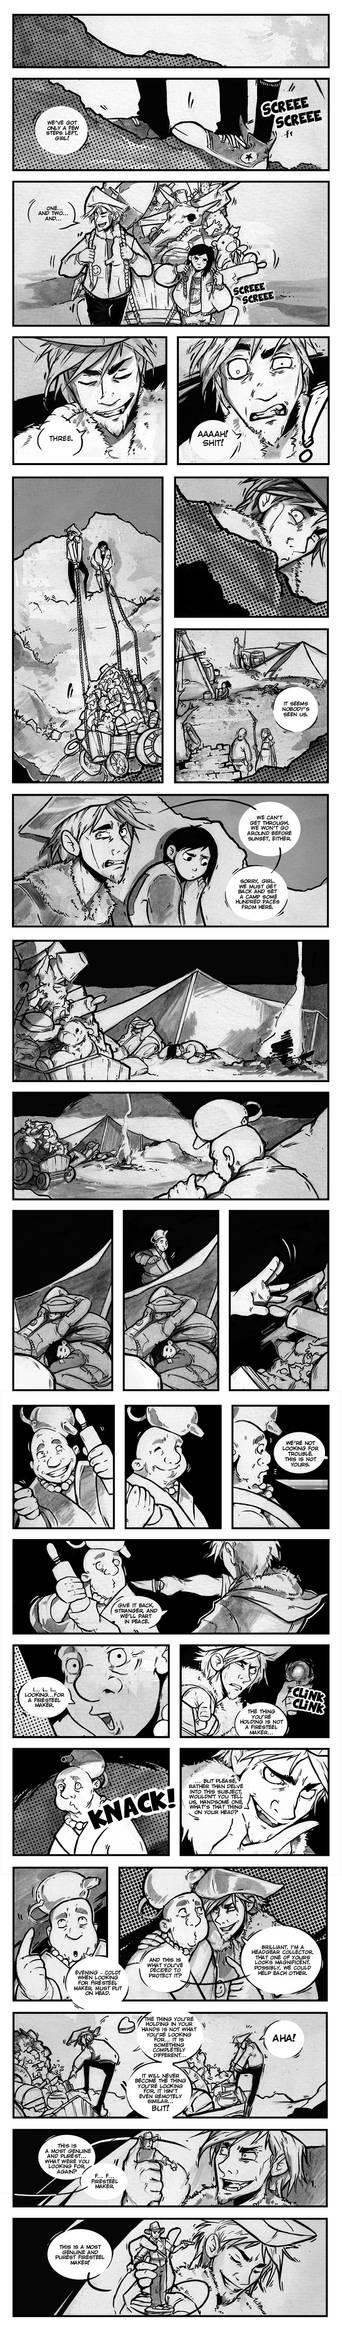 Rag'n'Bones pages 1-5